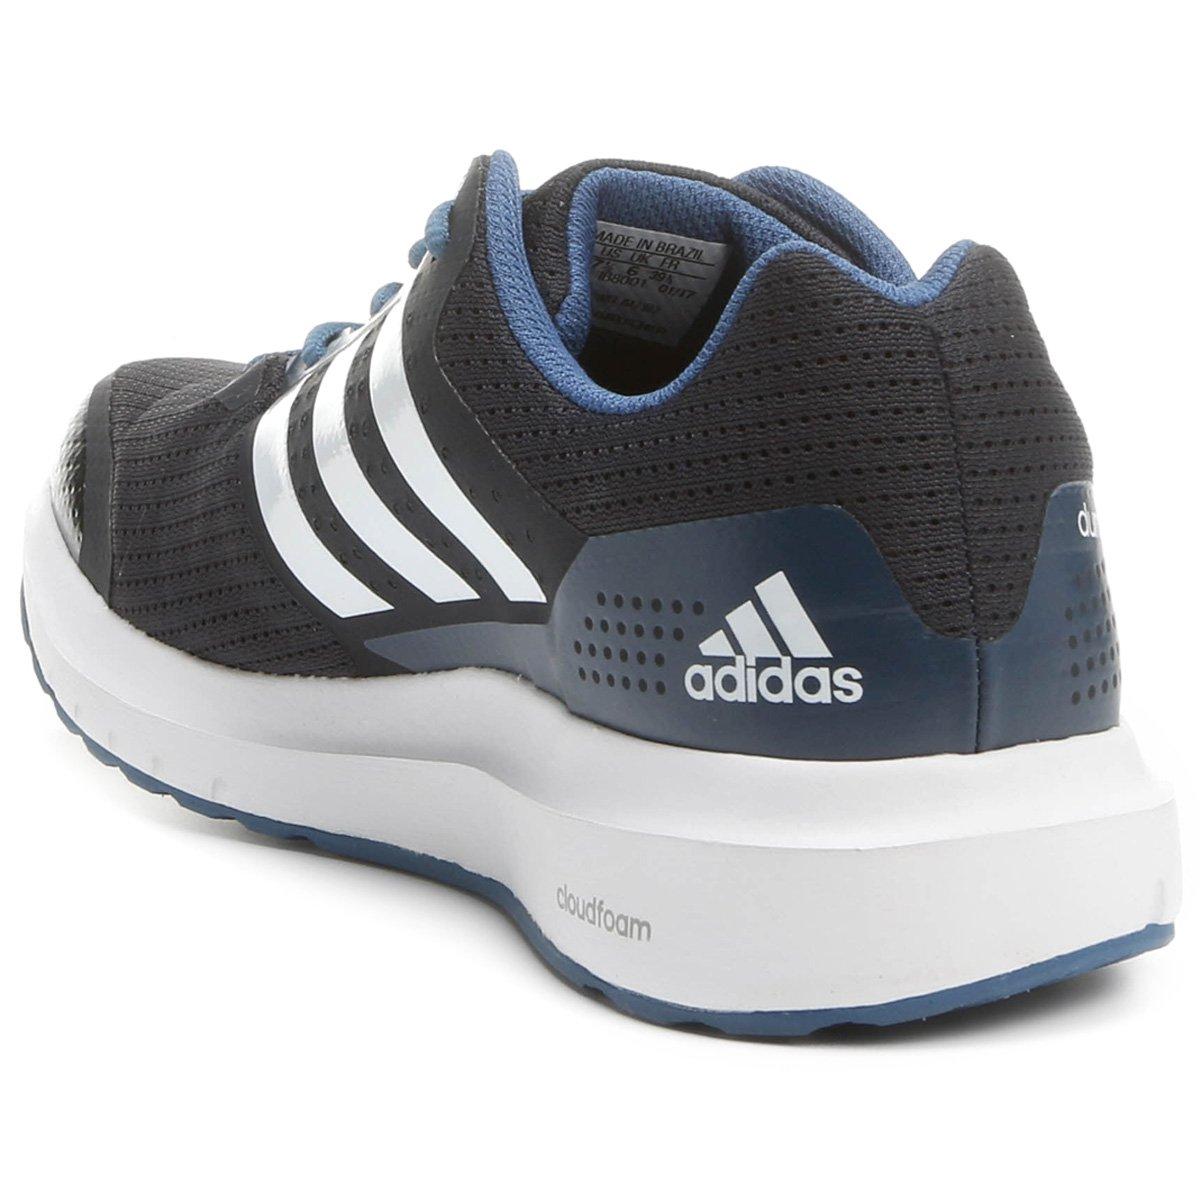 Tênis Adidas Duramo 7 Feminino - Preto e Azul - Compre Agora  e9c2bafb244a6